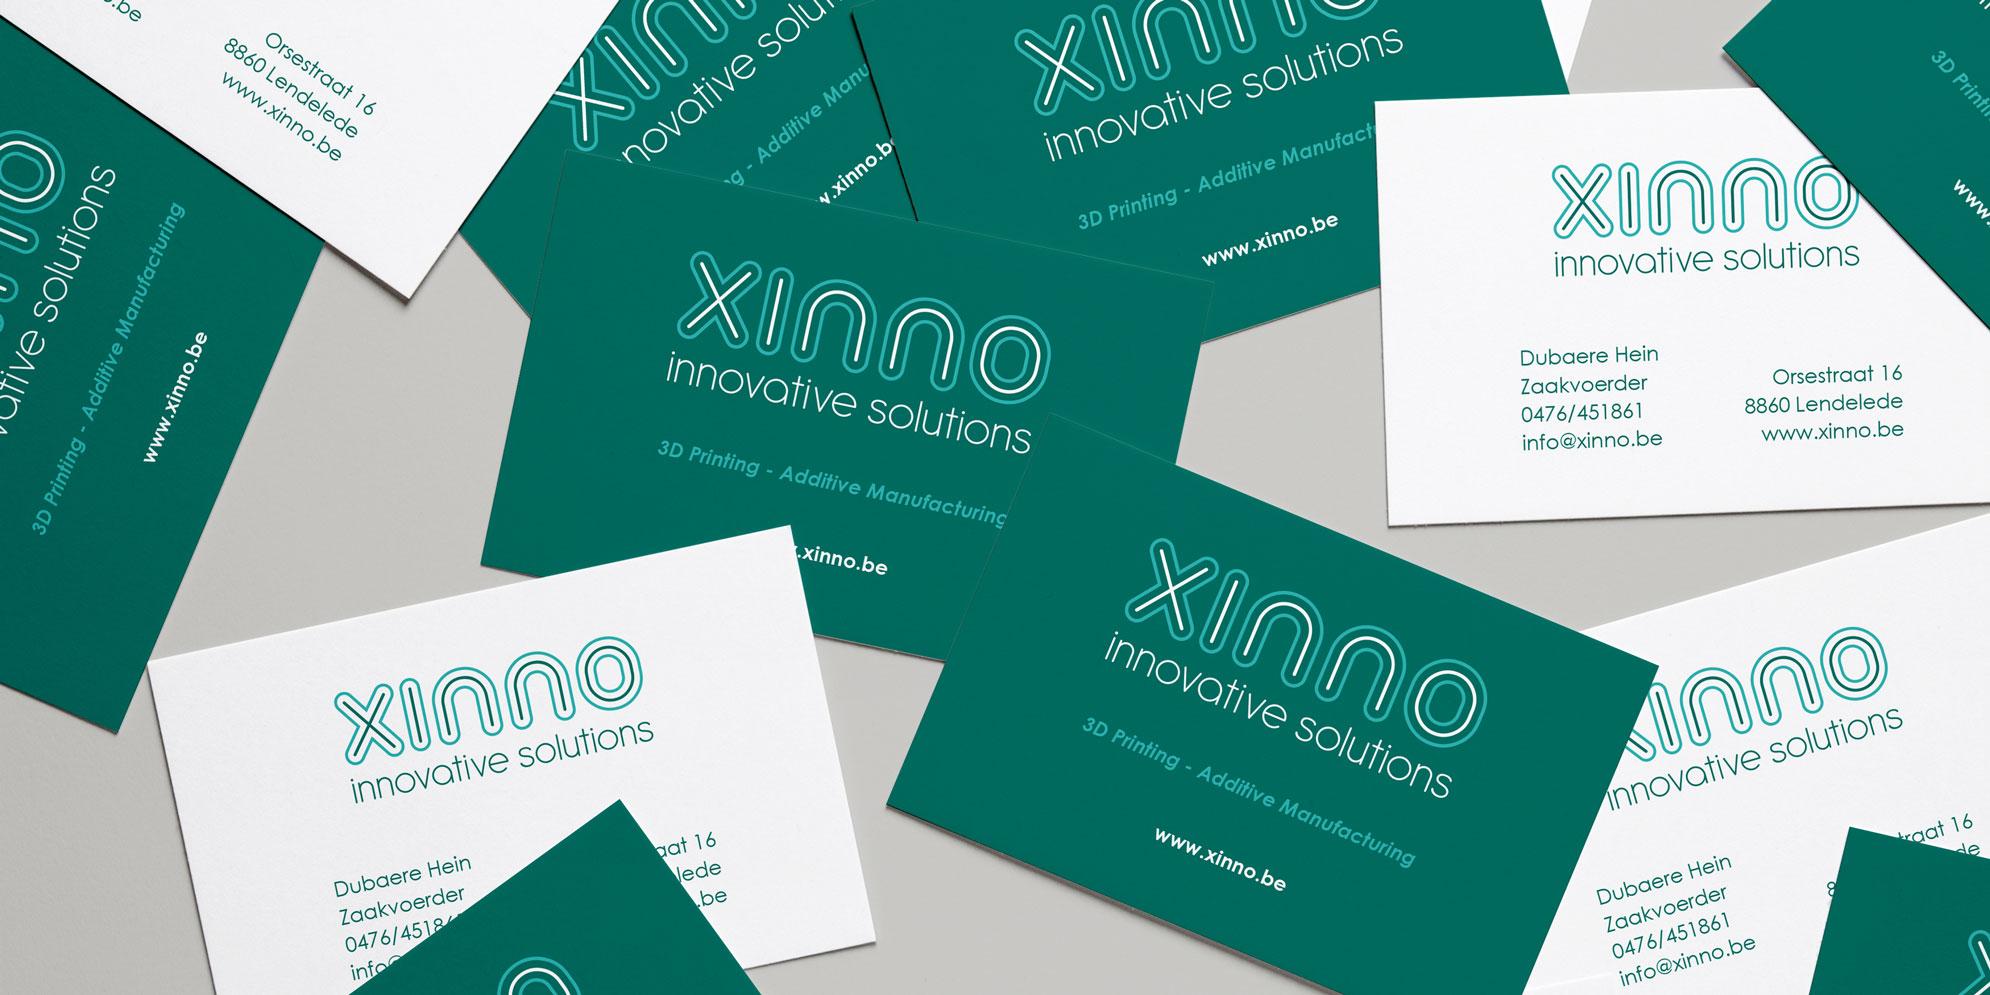 Visitekaartje voor Xinno